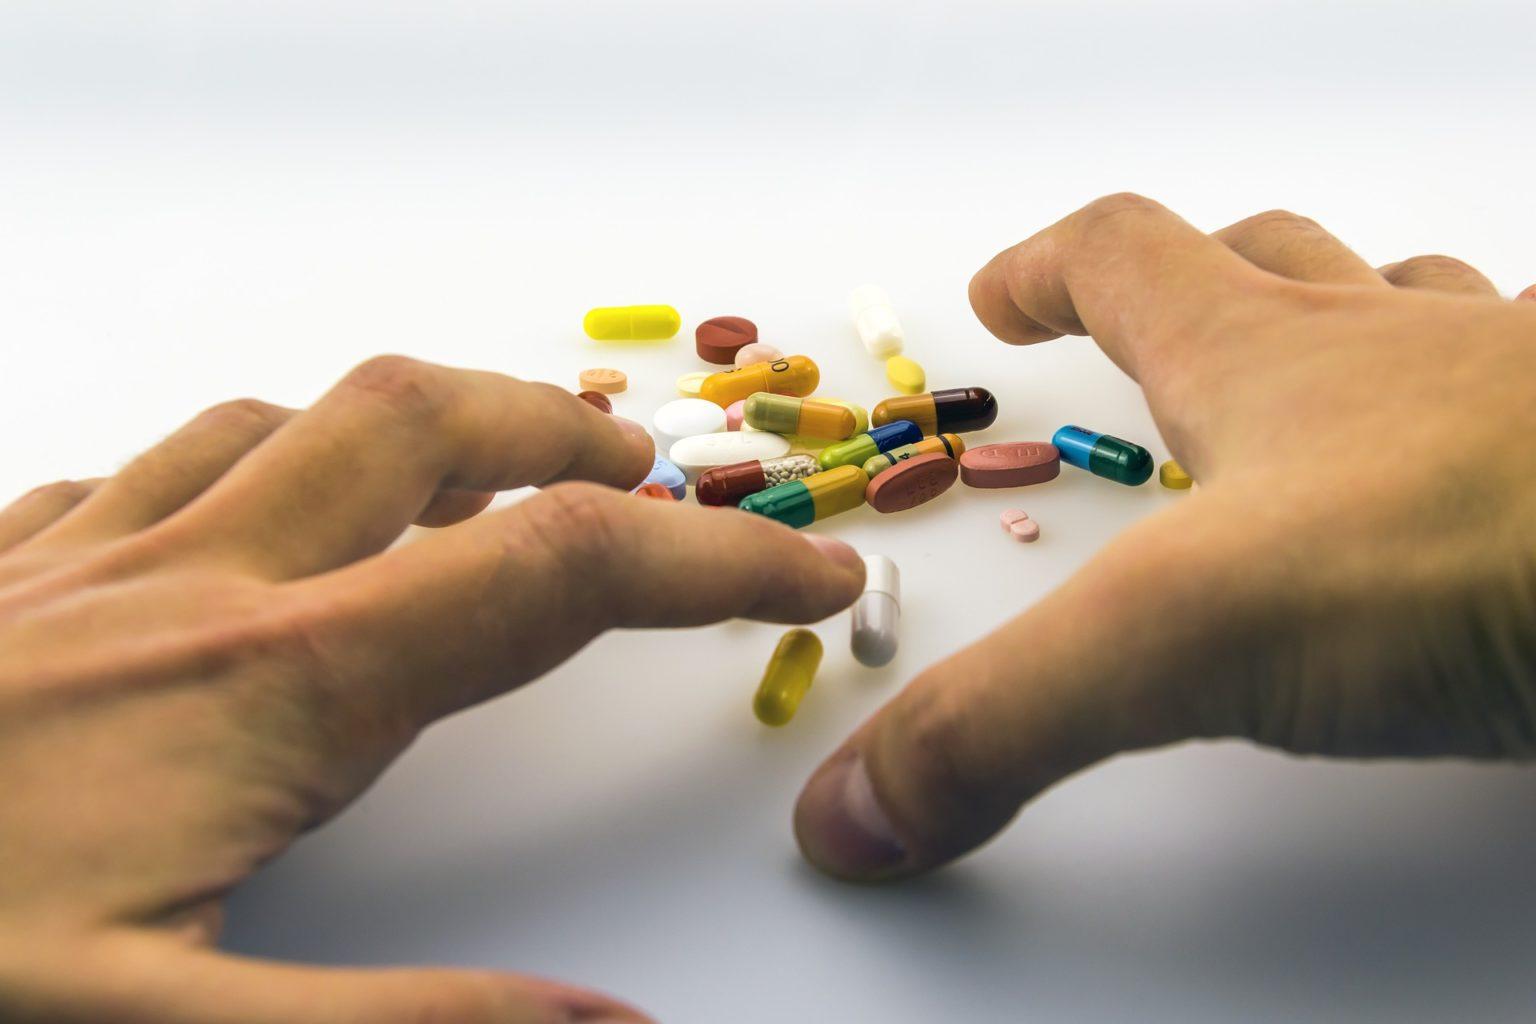 L'intelligence artificielle pour améliorer l'usage des médicaments